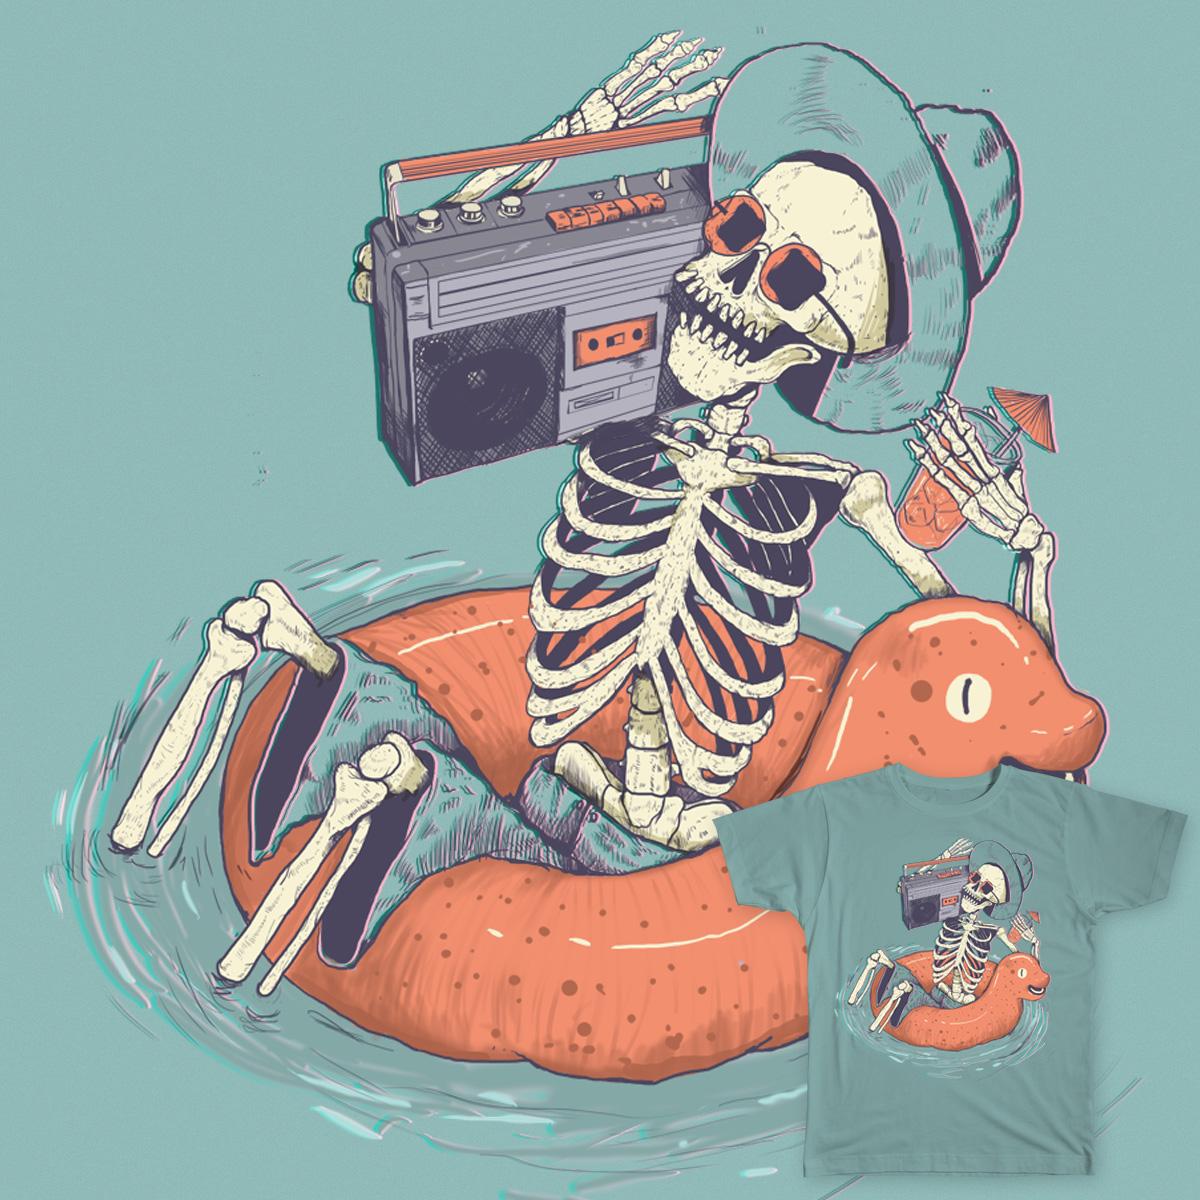 i will love music till dead by adriansantanacruz on Threadless